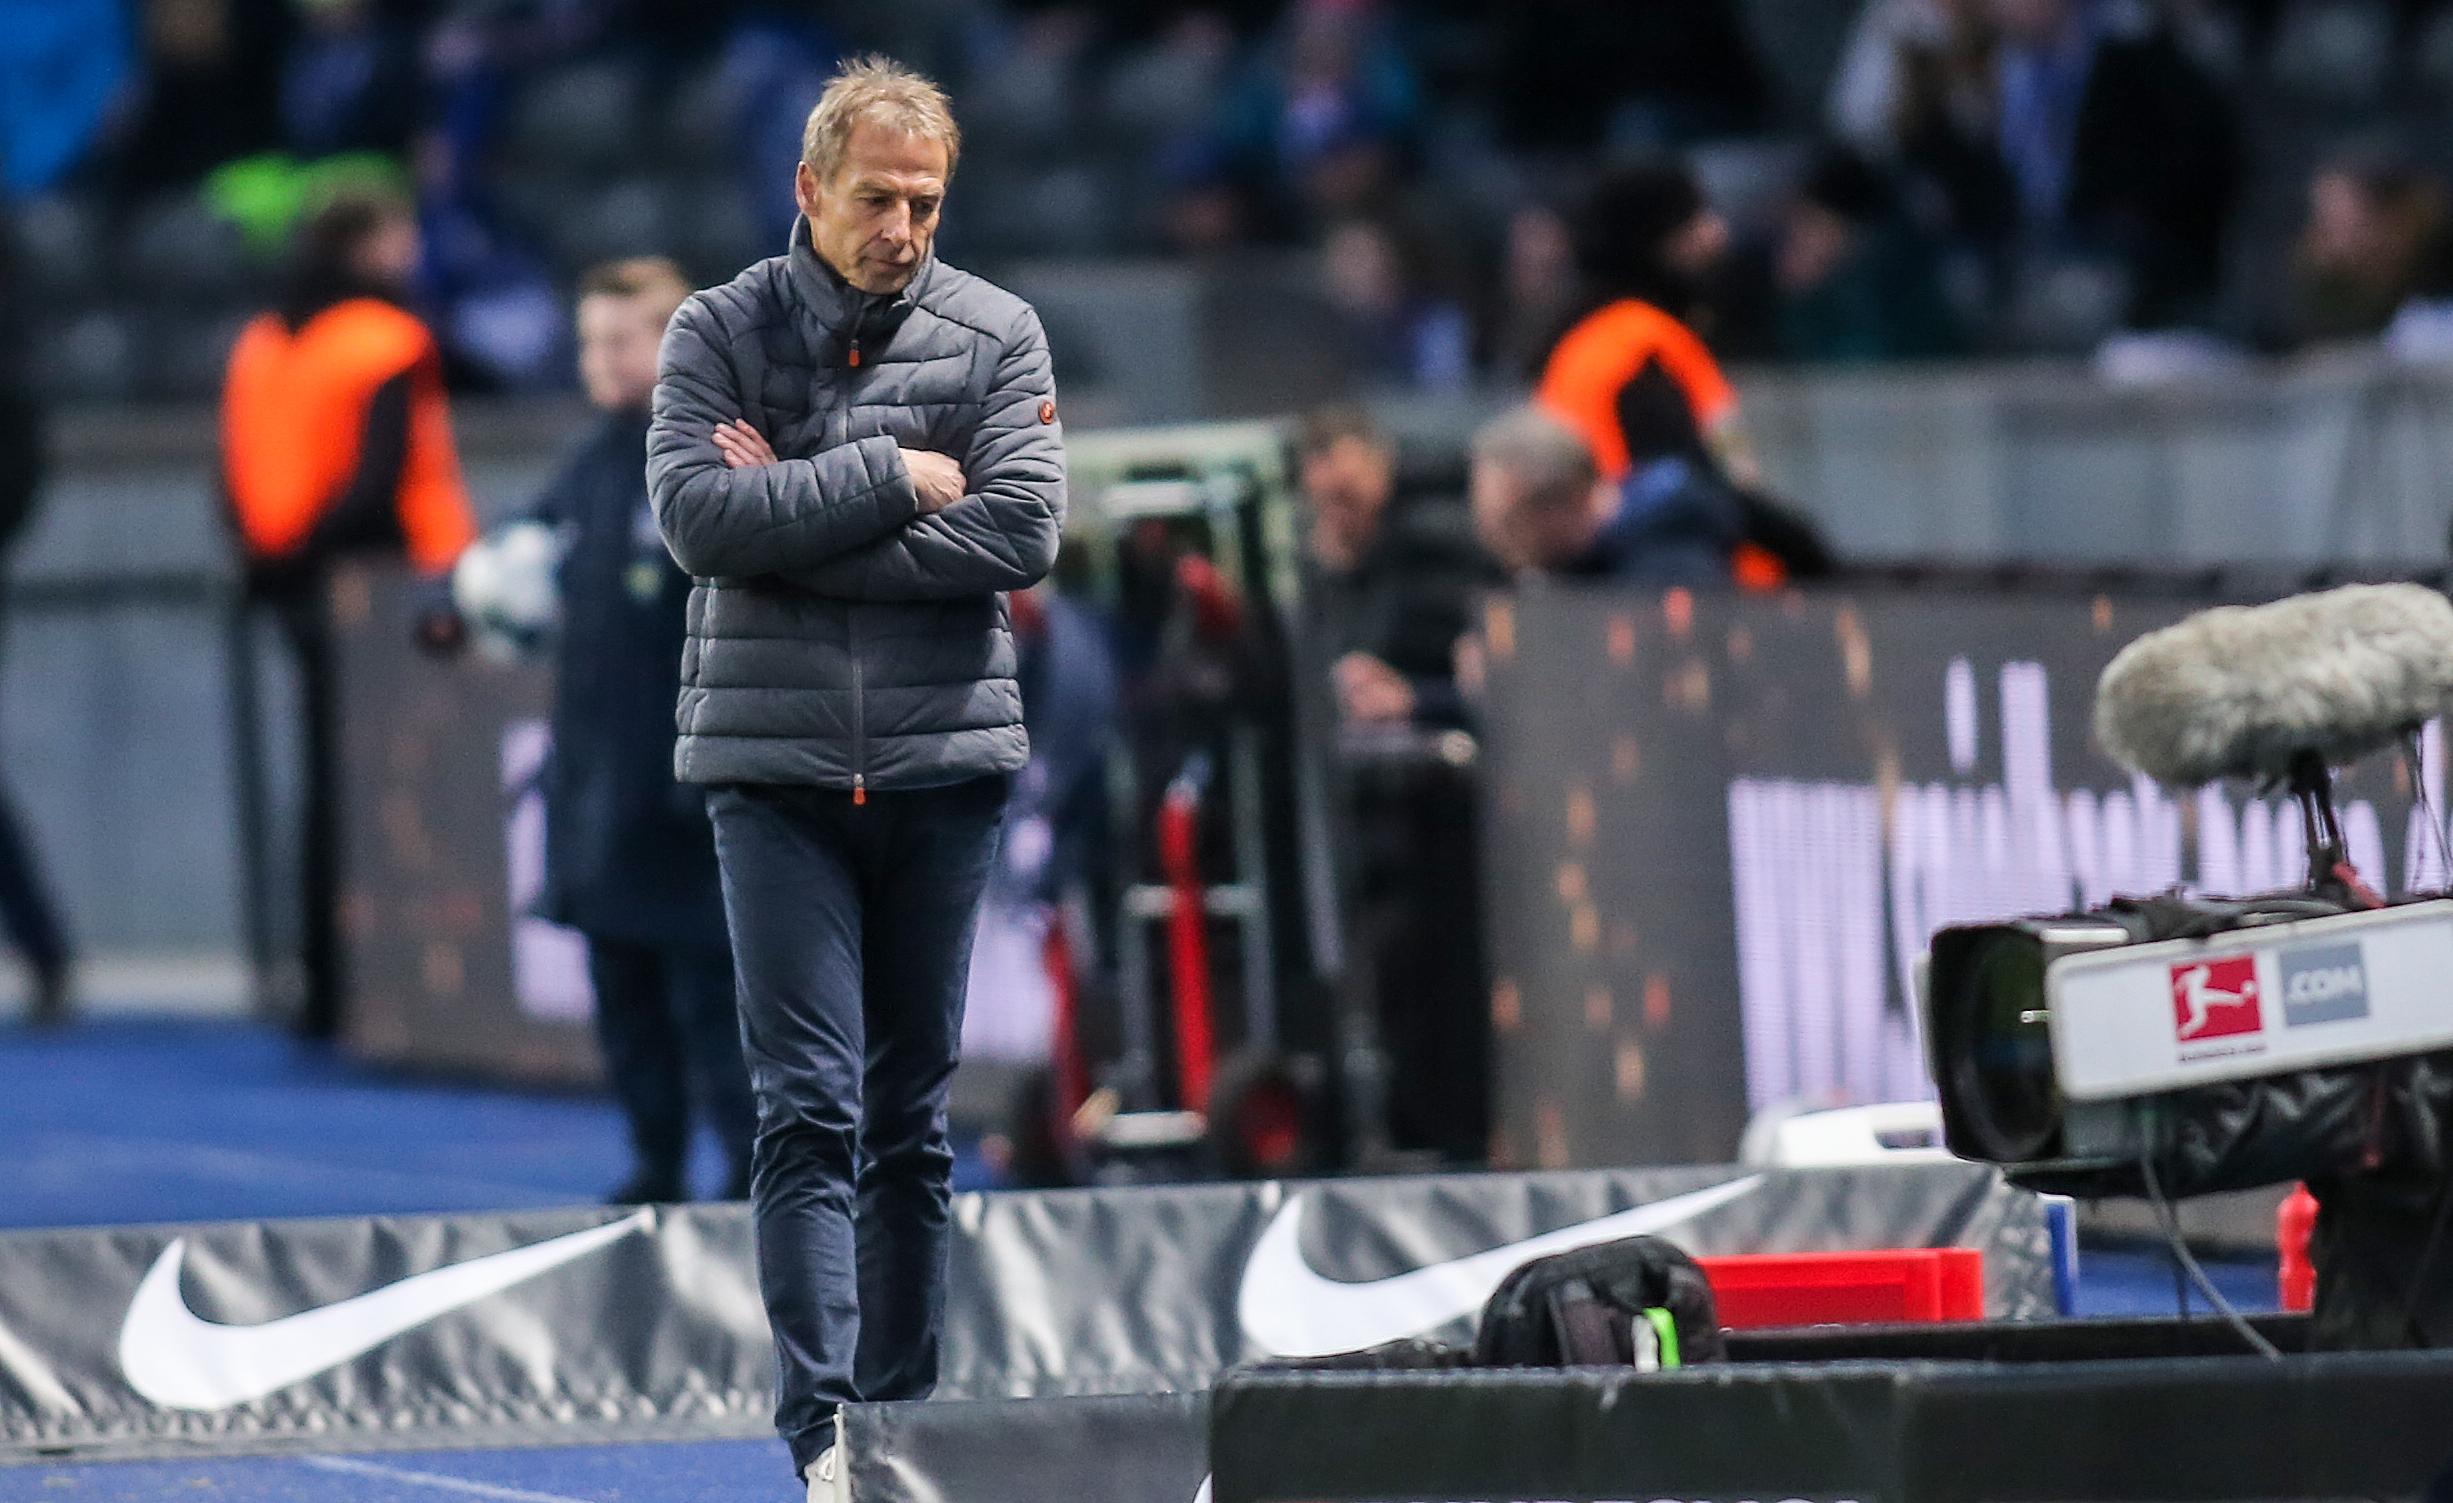 Lemondott Klinsmann, nem nagyon találnak megfelelő embert a Hertha kispadjára Dárdai távozása óta